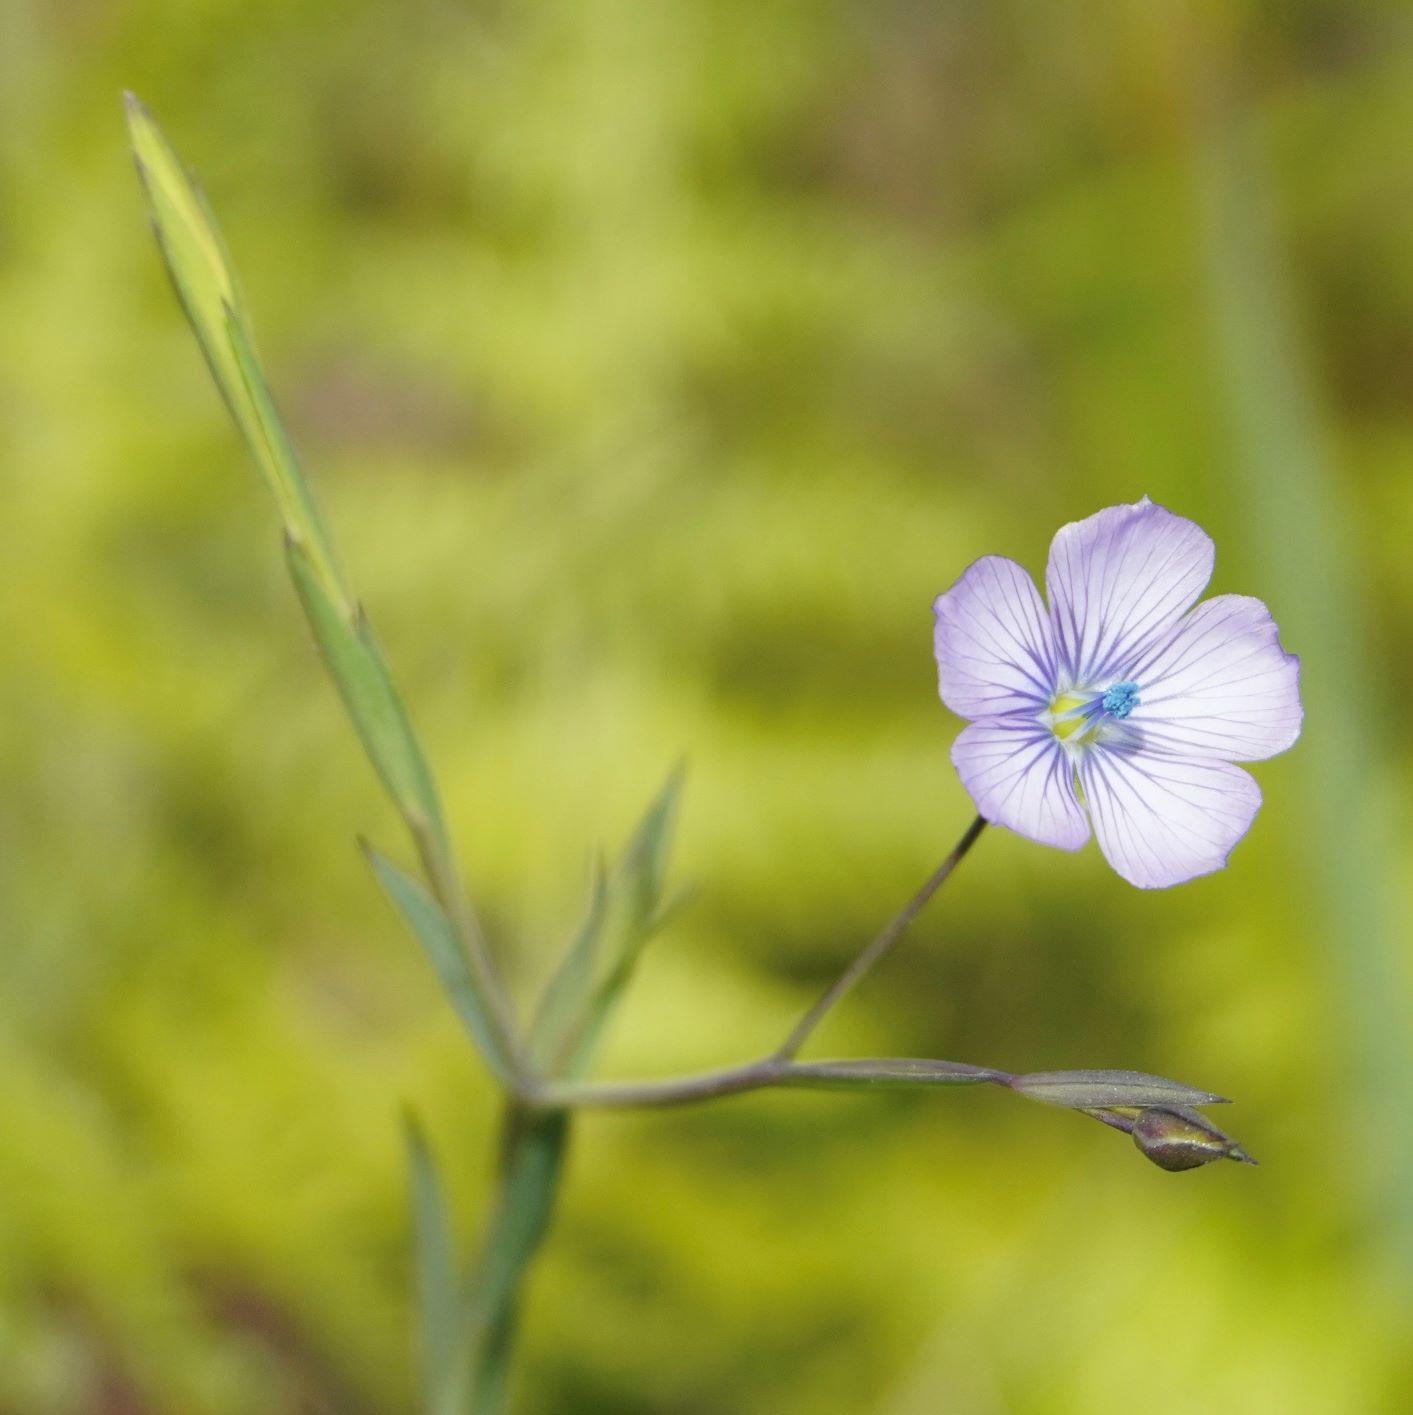 Flax, Narrow-leaved